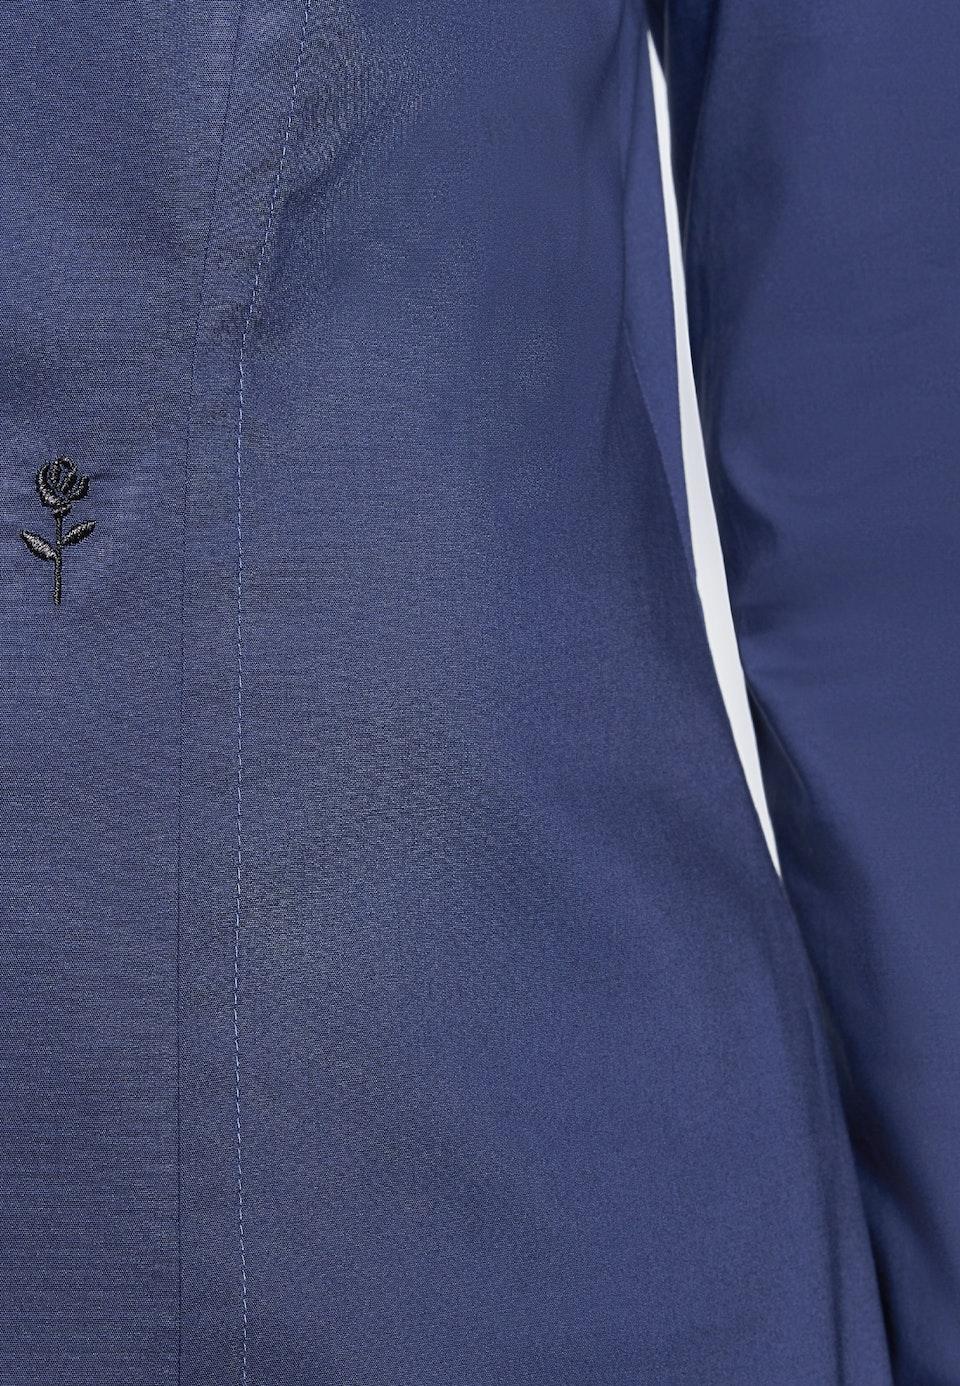 Popeline Shirt Blouse made of cotton blend in Dark blue |  Seidensticker Onlineshop